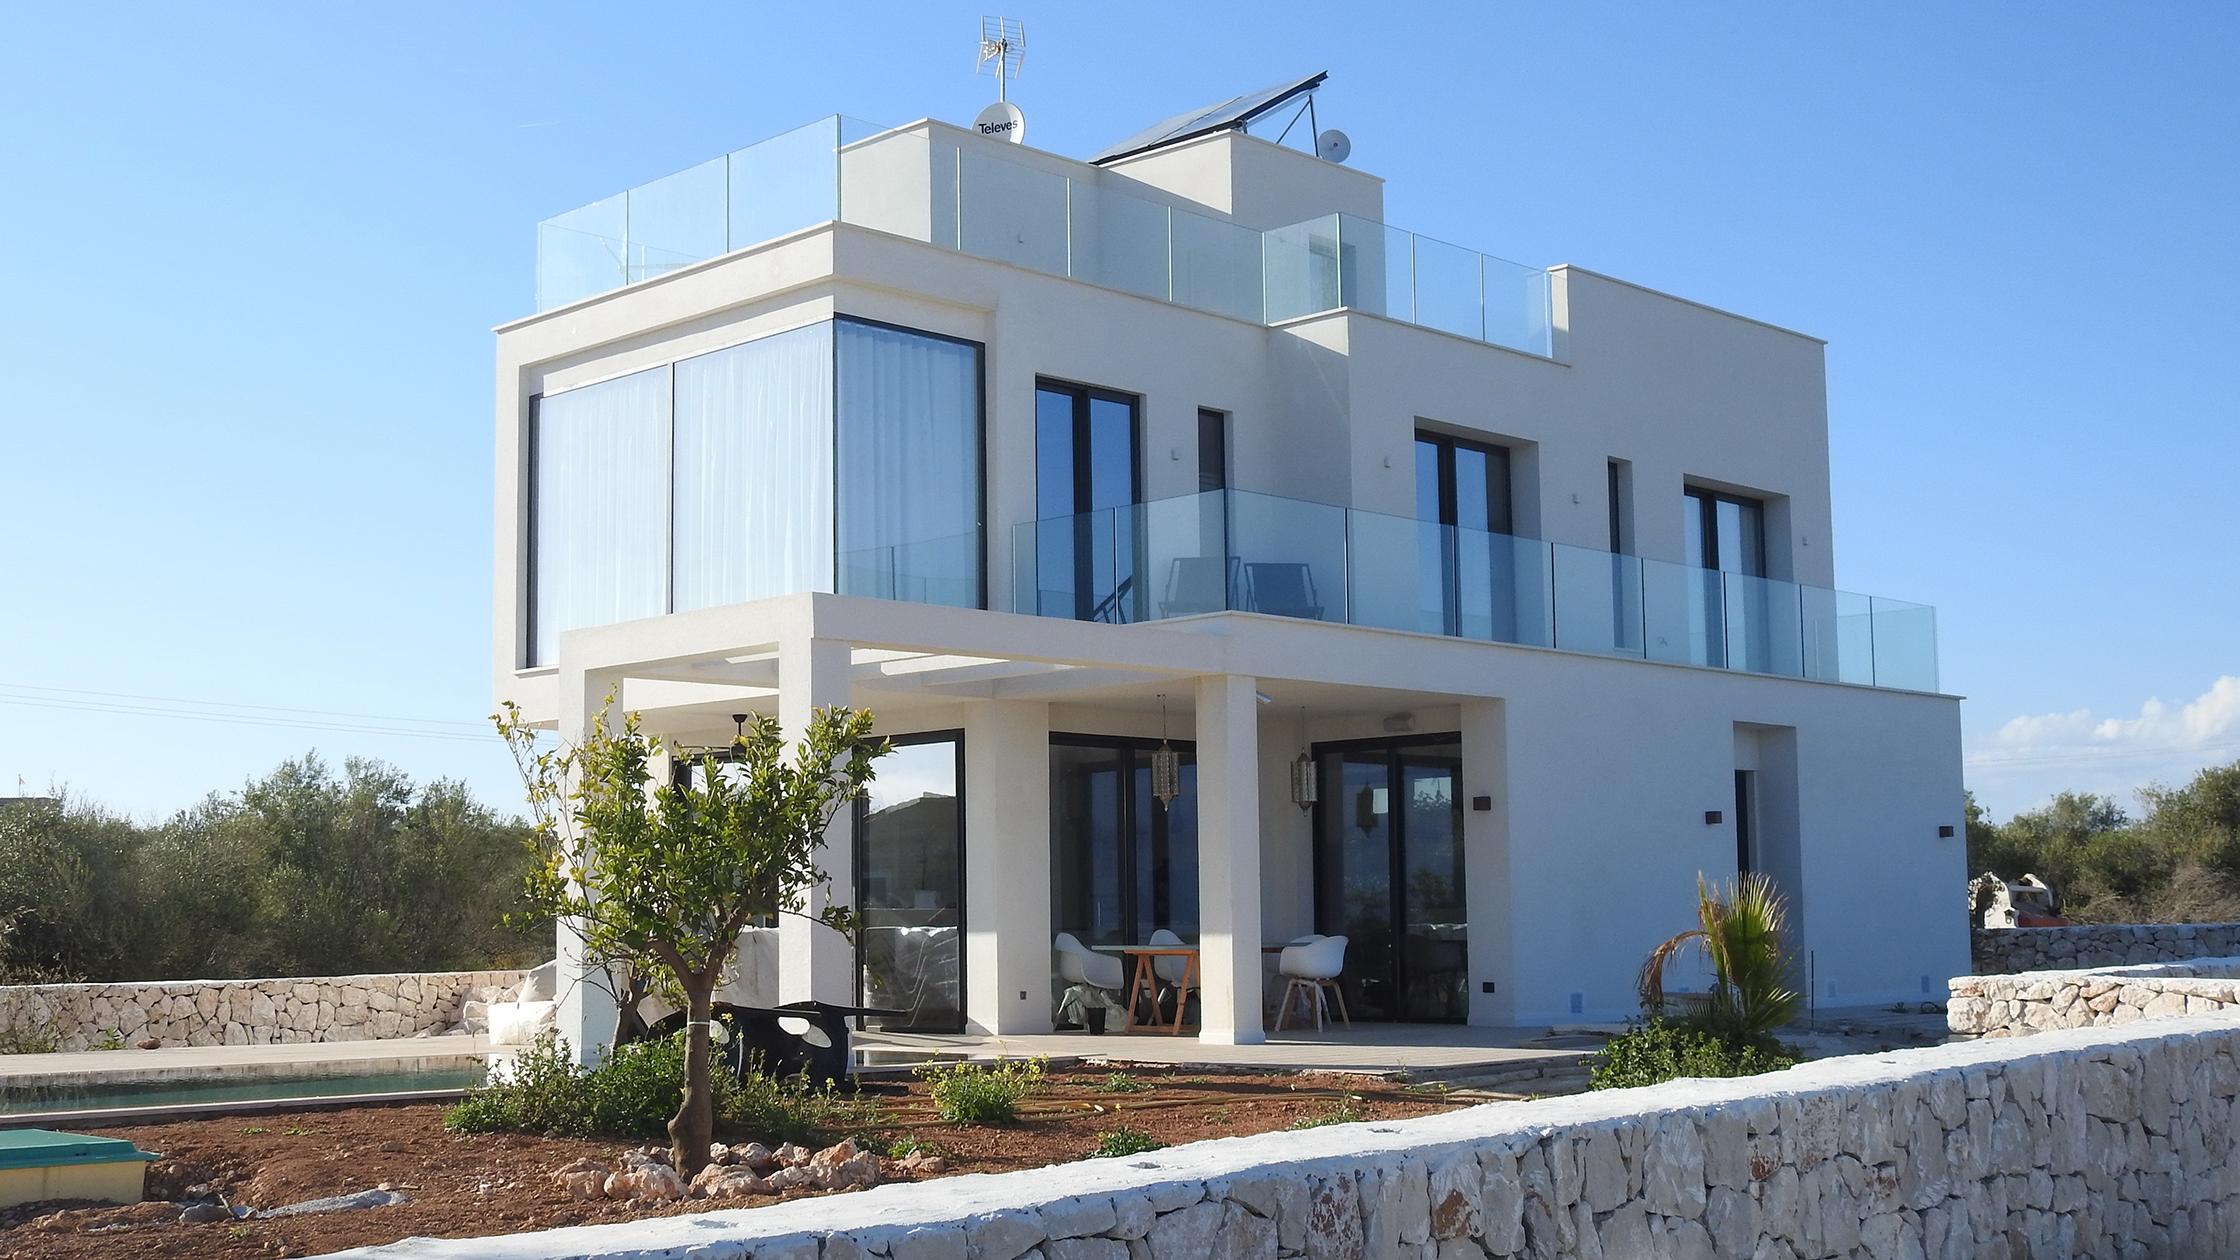 Empresa constructora en Málaga. Construcción y edificación de viviendas